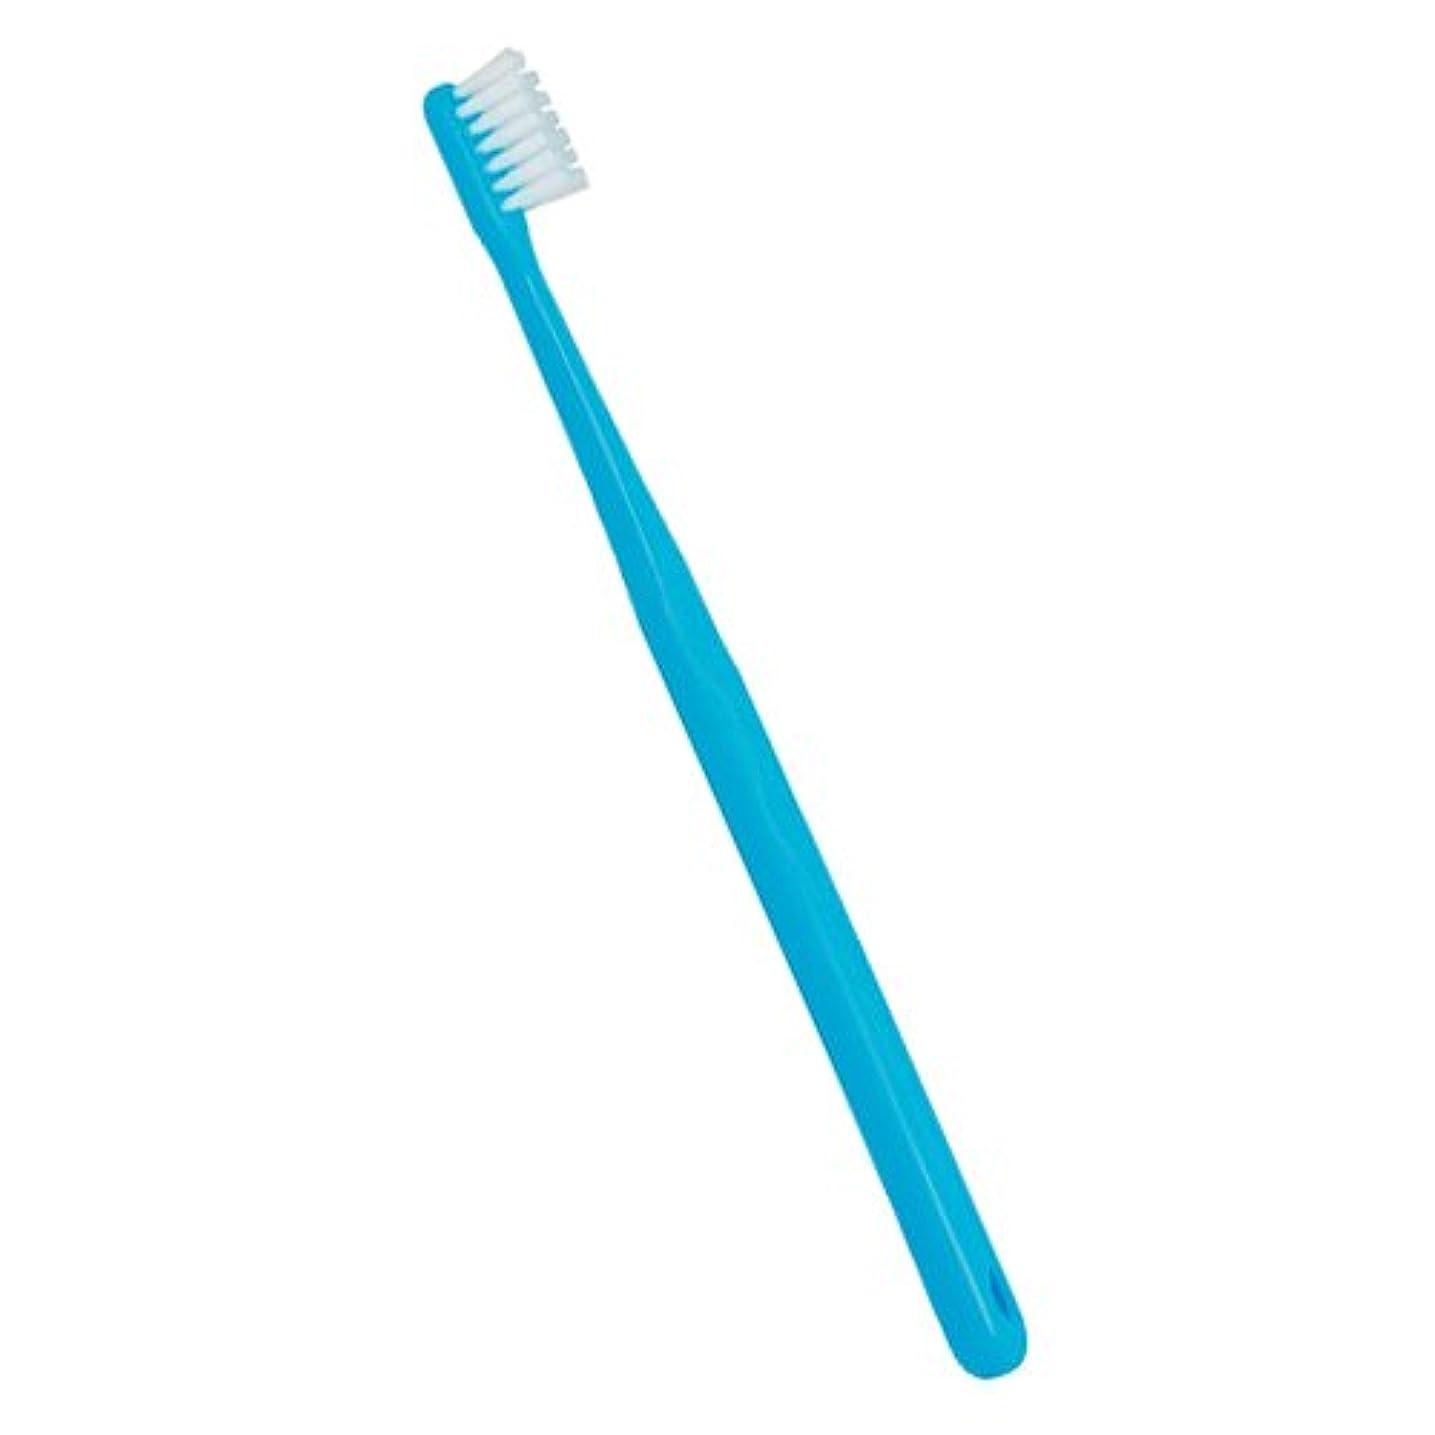 寄稿者かけるデコラティブCiメディカル 歯ブラシ Ci702(フラットタイプ) 1本(M ふつう(ブルー))